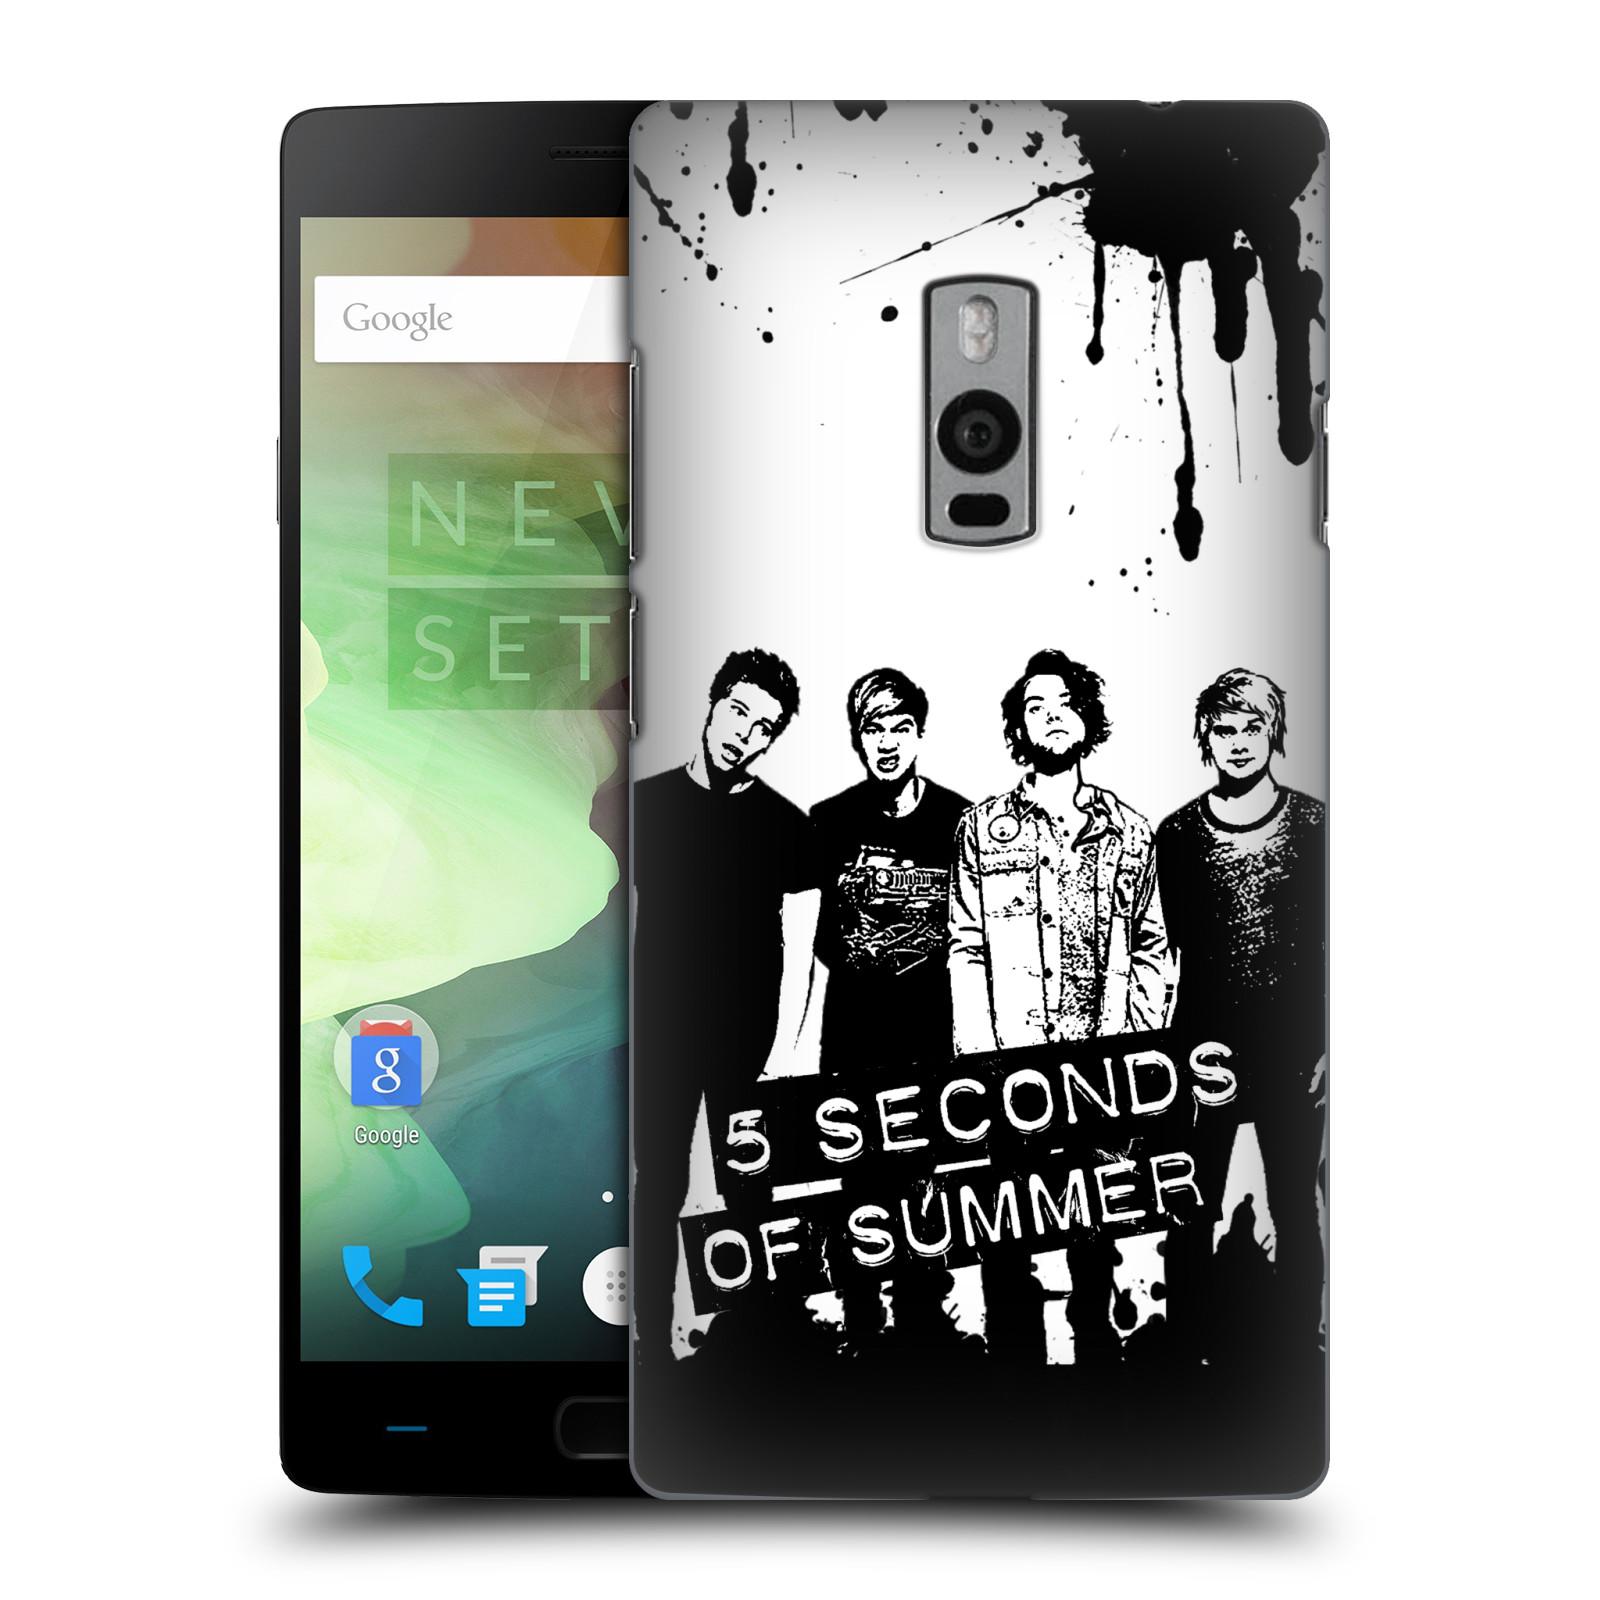 Plastové pouzdro na mobil OnePlus Two HEAD CASE 5 Seconds of Summer - Band Black and White (Plastový kryt či obal na mobilní telefon licencovaným motivem 5 Seconds of Summer pro OnePlus Two)